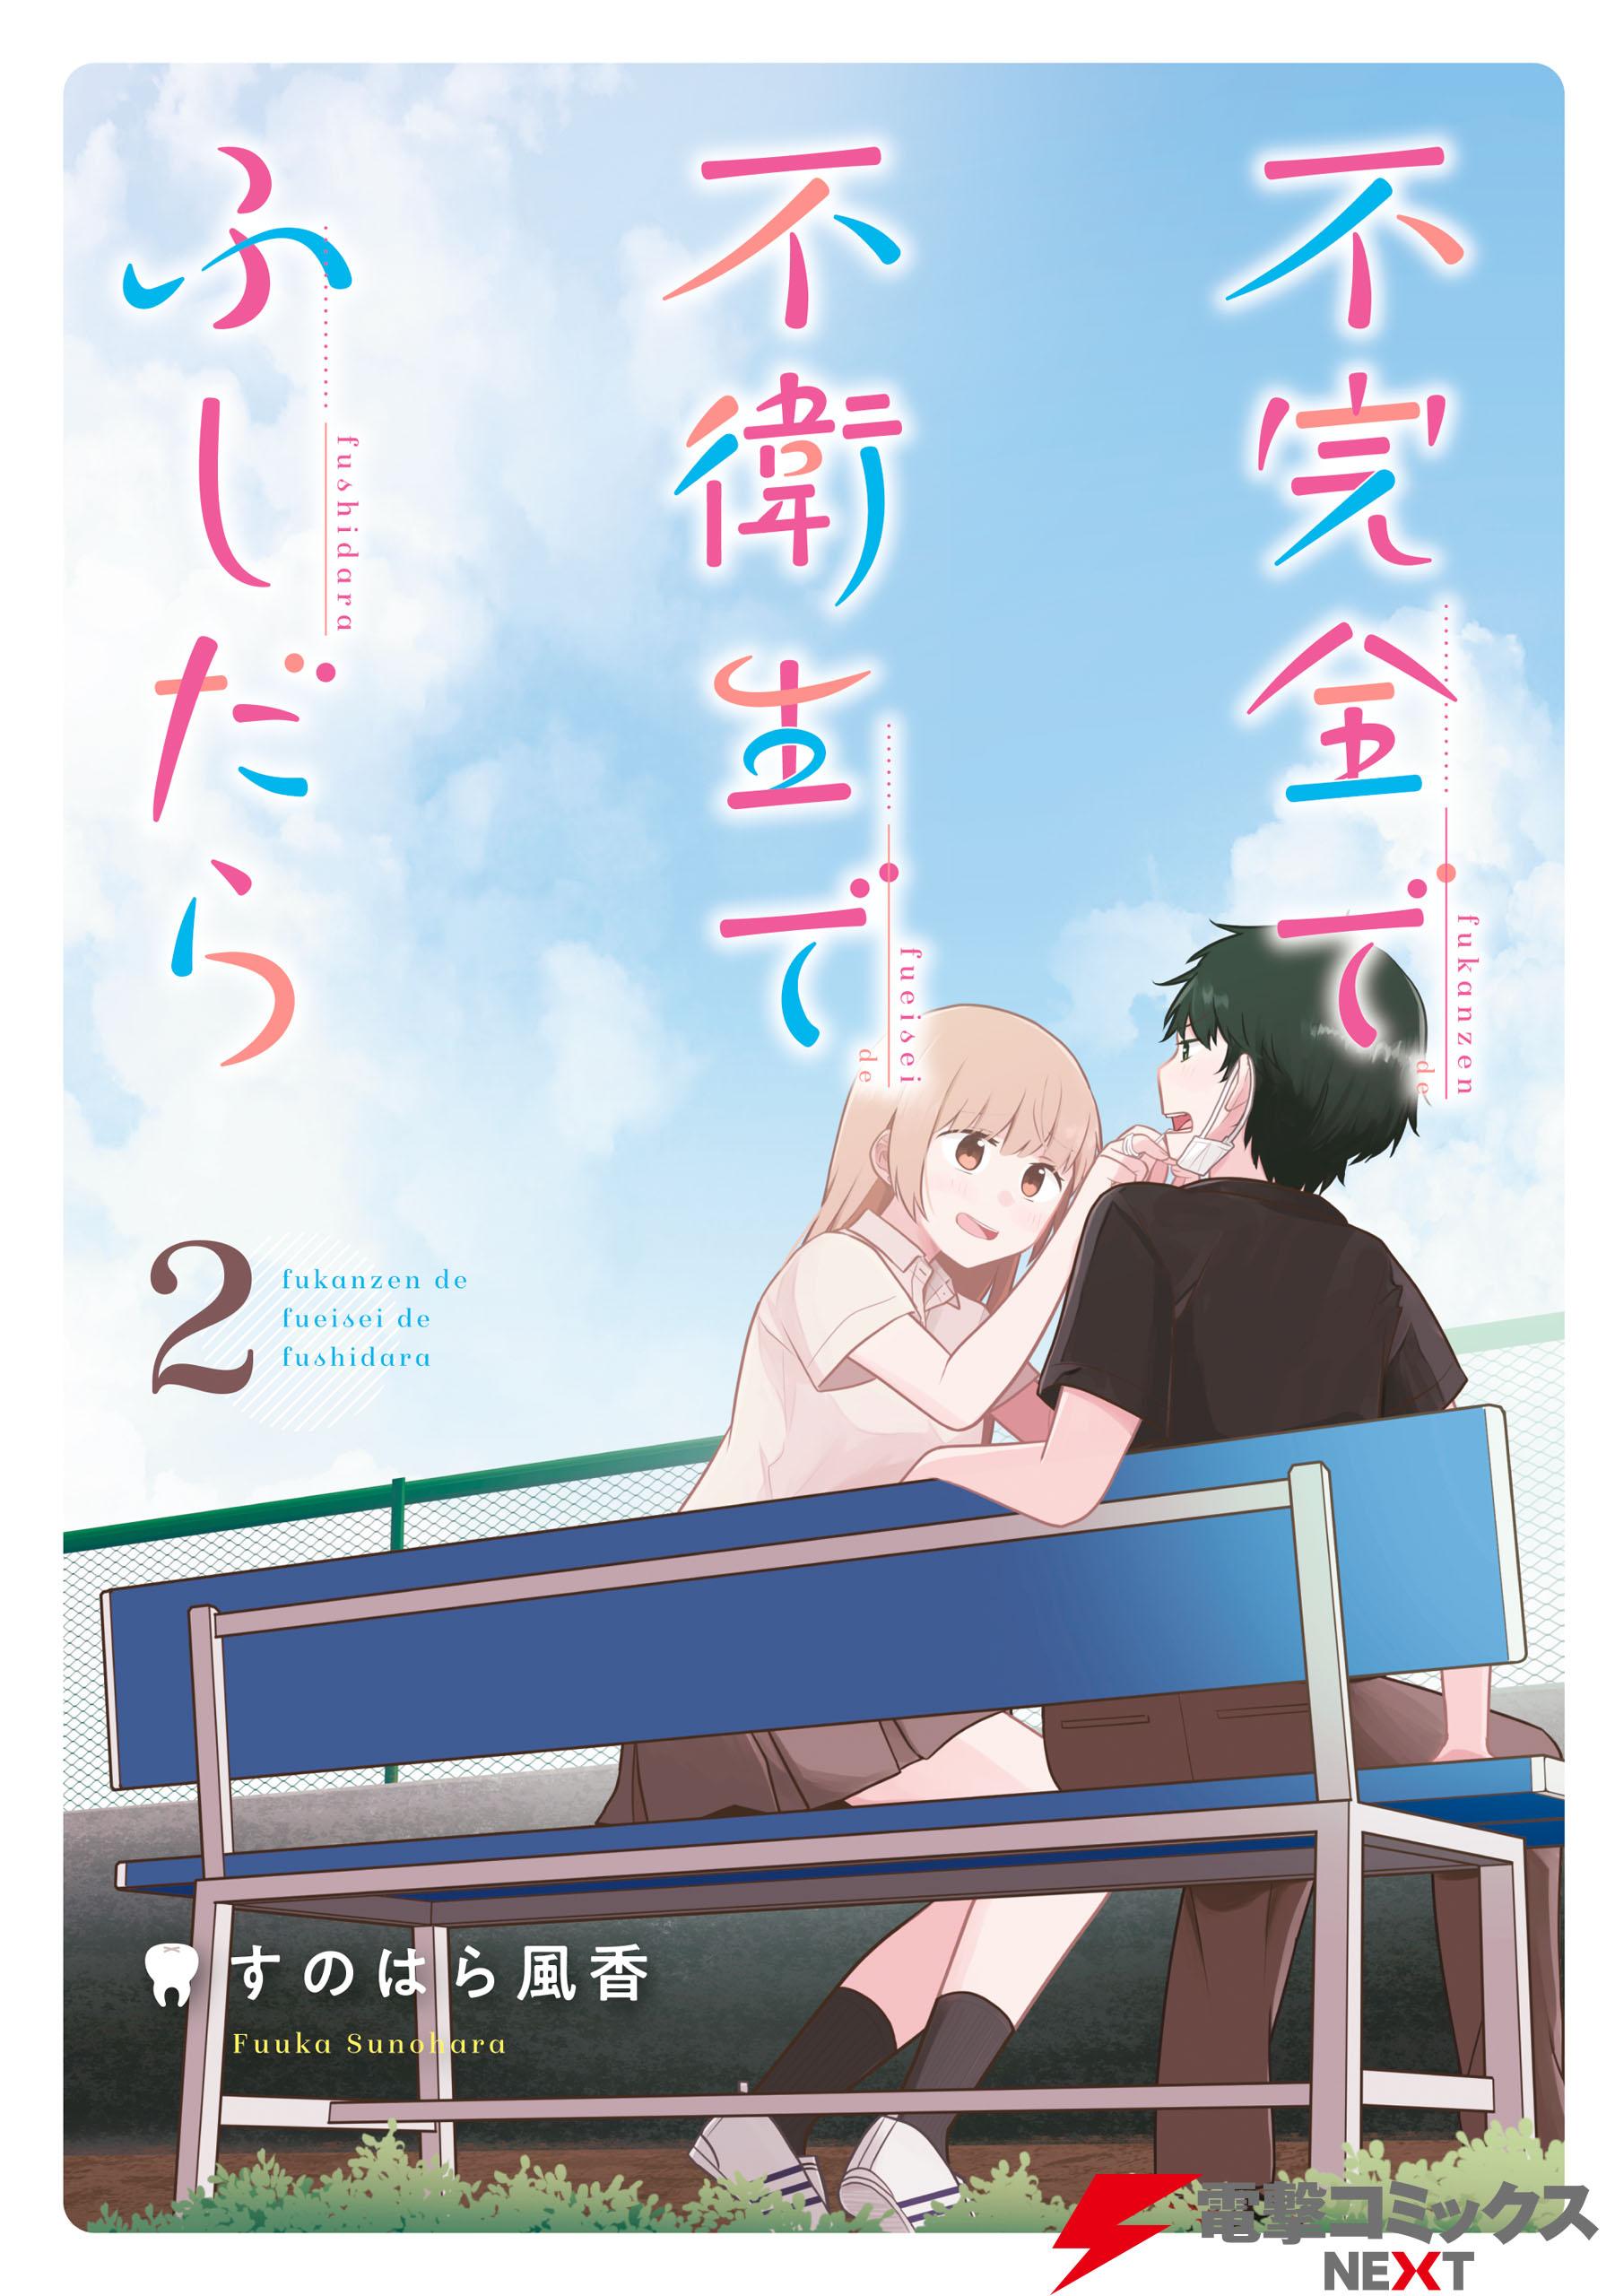 Fukanzen De Fueisei De Fushidara Manga